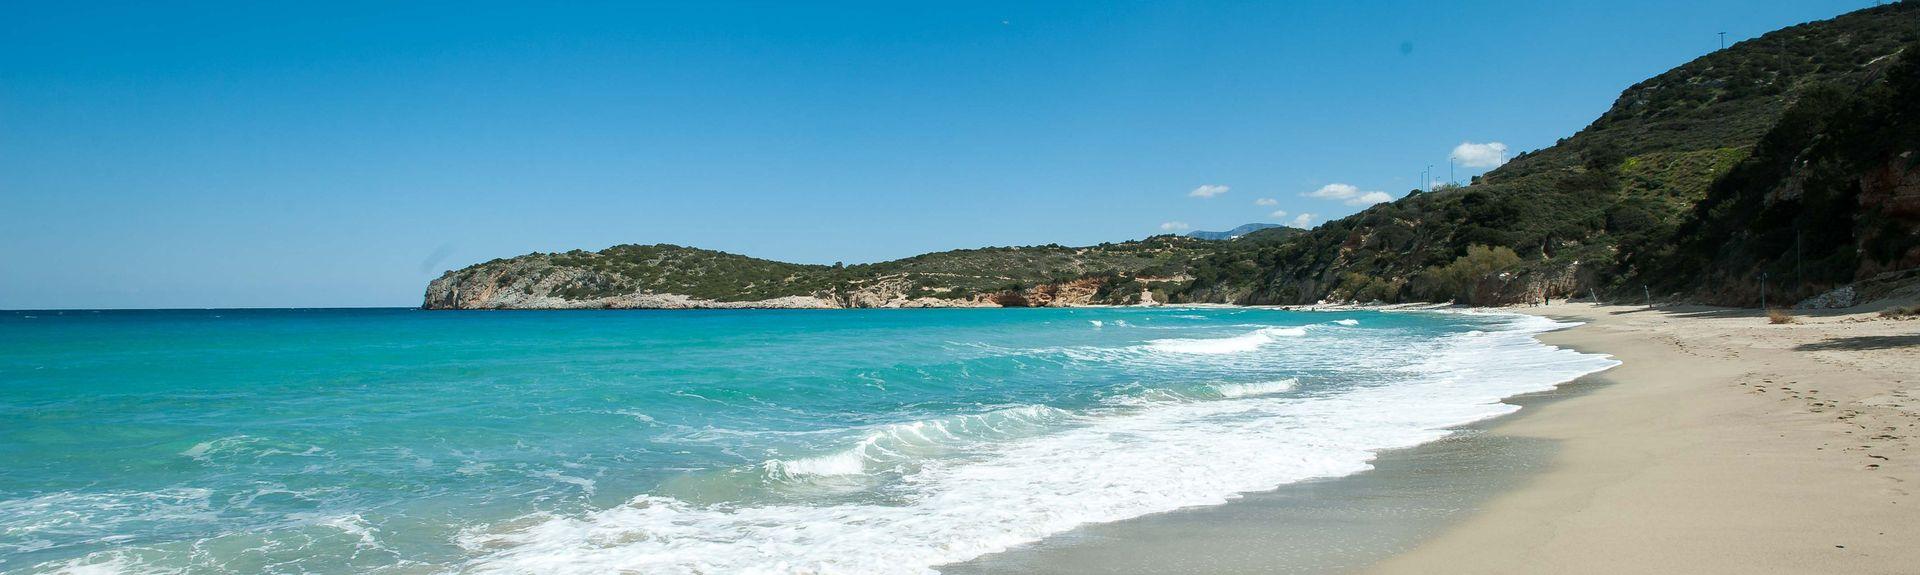 Ammoudara, Agios Nikolaos, Kreta, Griekenland